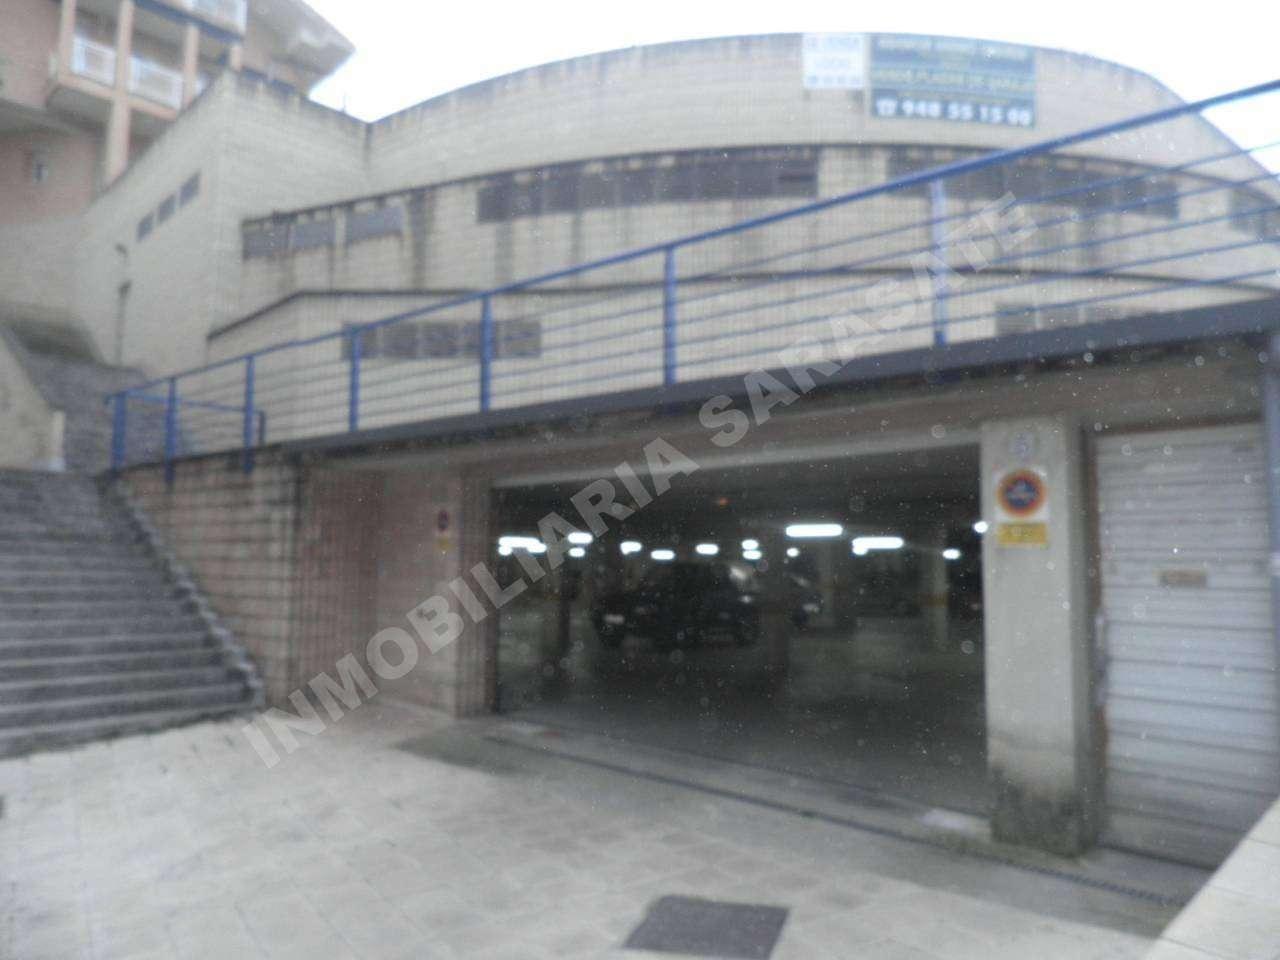 VENTA DE PARKING EN MONASTERIO IRACHE, ESTELLA-LIZARRA | REF. (002930)